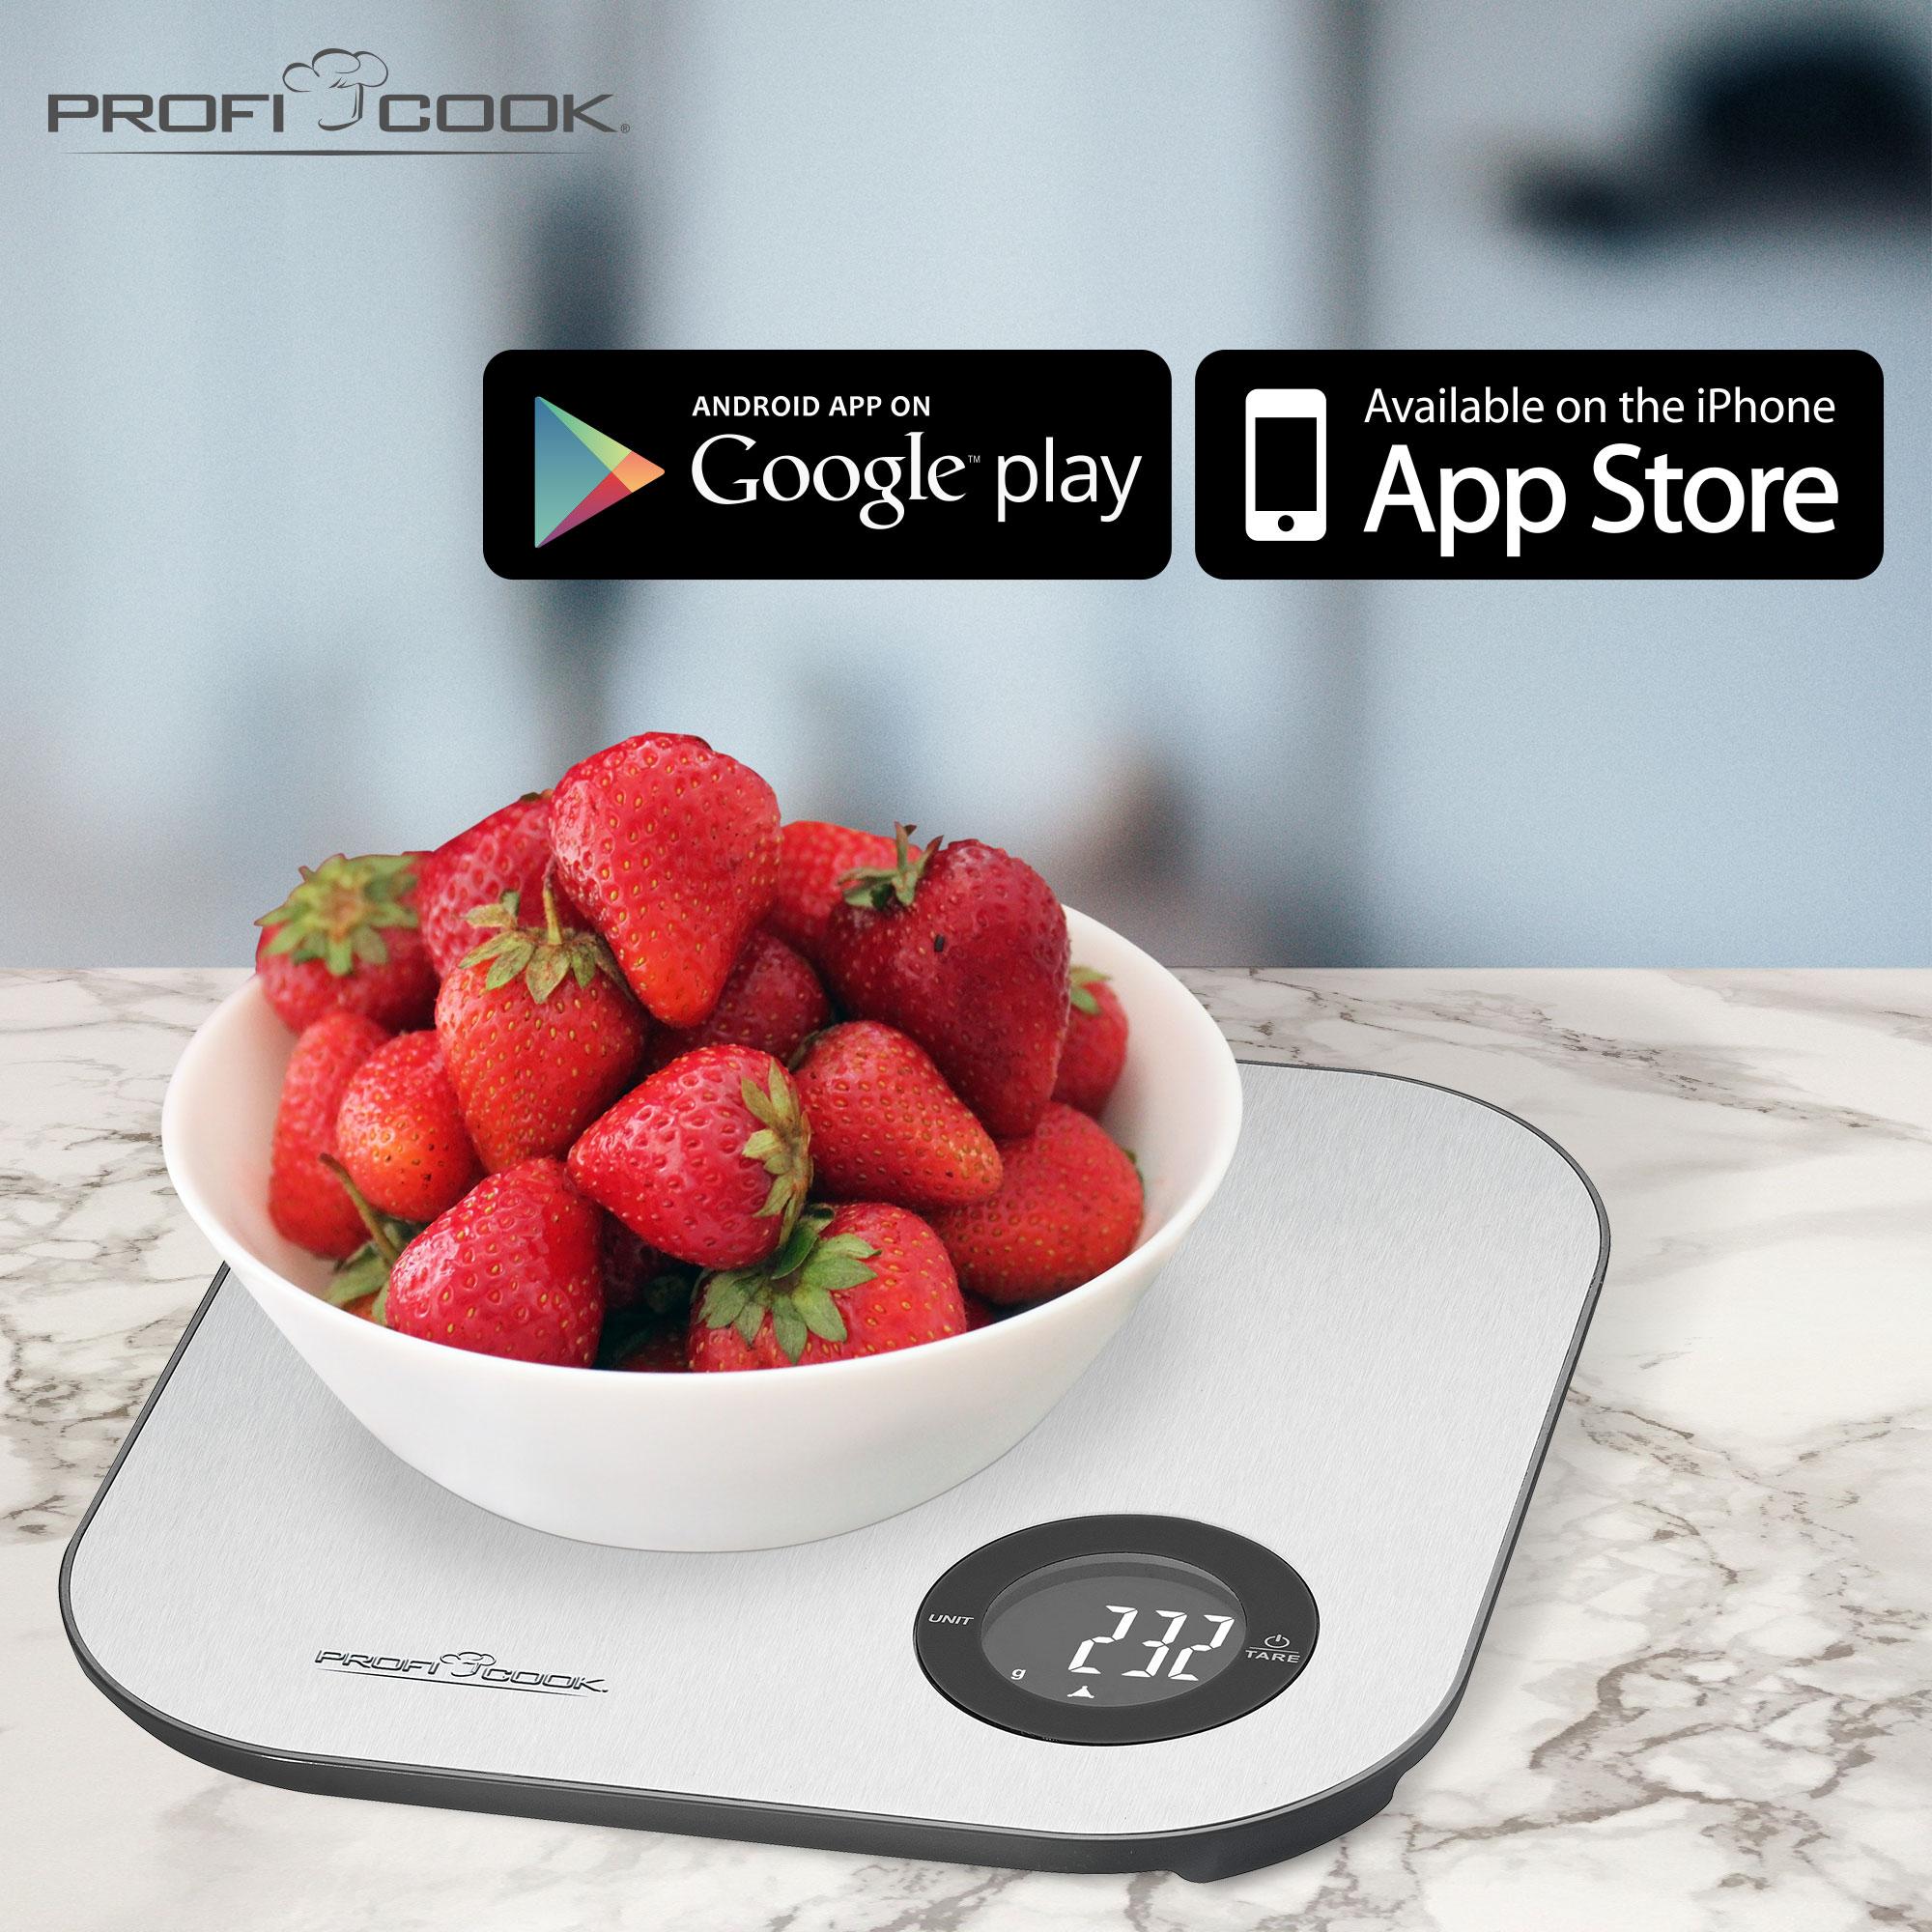 Báscula de cocina digital dietetica nutricional bluetooth Proficook kw 1148